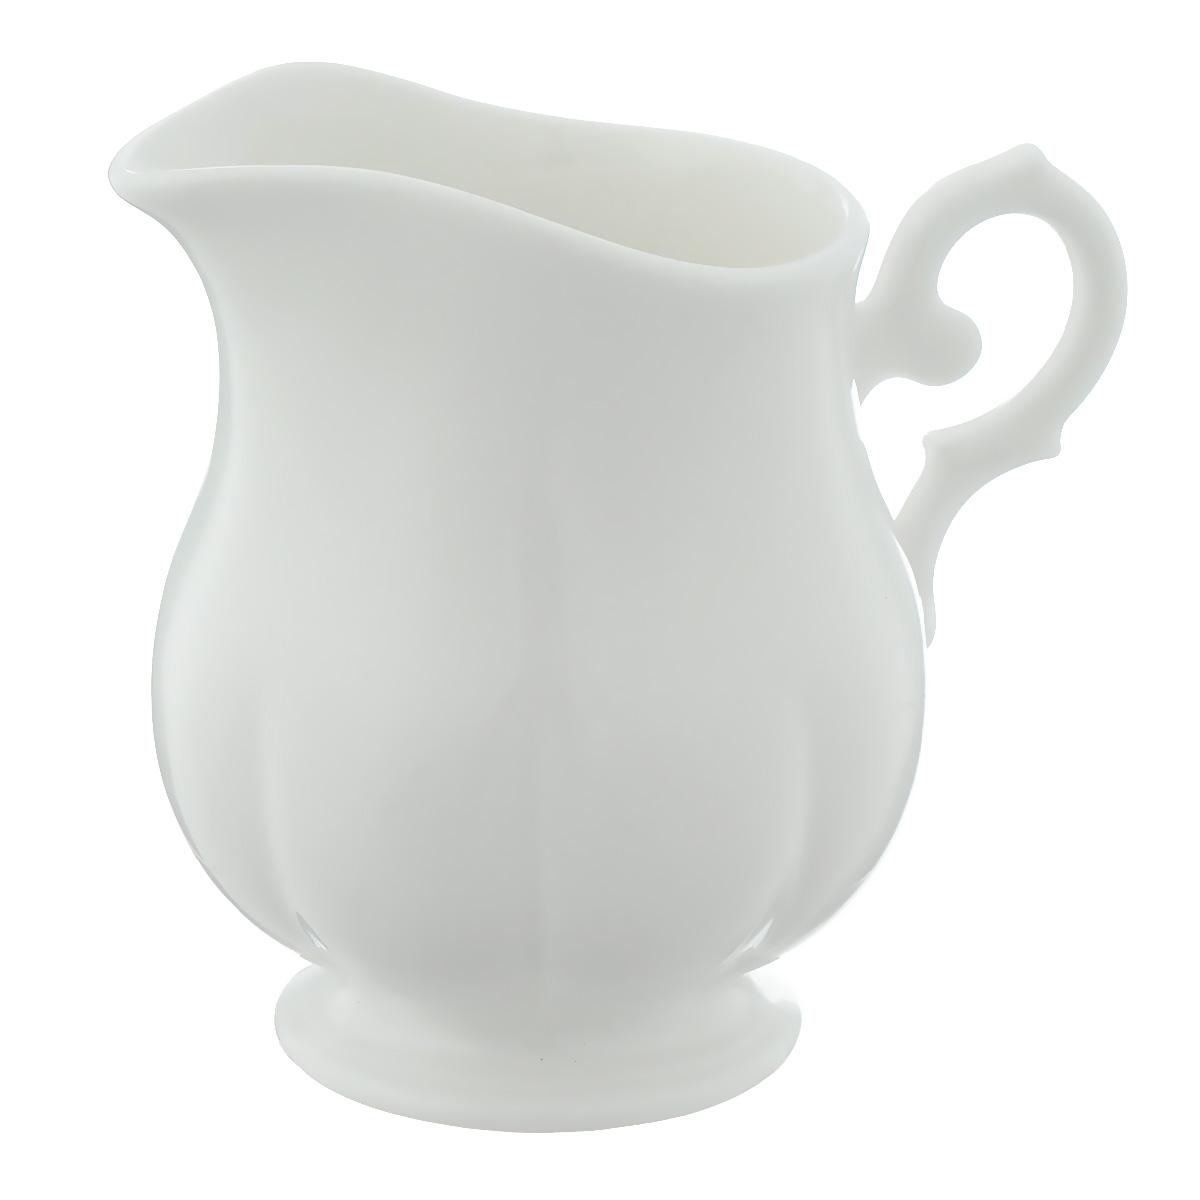 Сливочник Royal Porcelain White, цвет: белый, 250 млVT-1520(SR)Сливочник Royal Porcelain White выполнен из высококачественного костяного фарфора с содержанием костяной муки 45%. Изделие сочетает в себе изысканный вид с прочностью и долговечностью. Эксклюзивный дизайн, эстетичность и функциональность сливочника сделает его незаменимым на любой кухне.Размер по верхнему краю: 7,5 см х 6 см.Высота: 9,5 см.Объем: 250 мл.